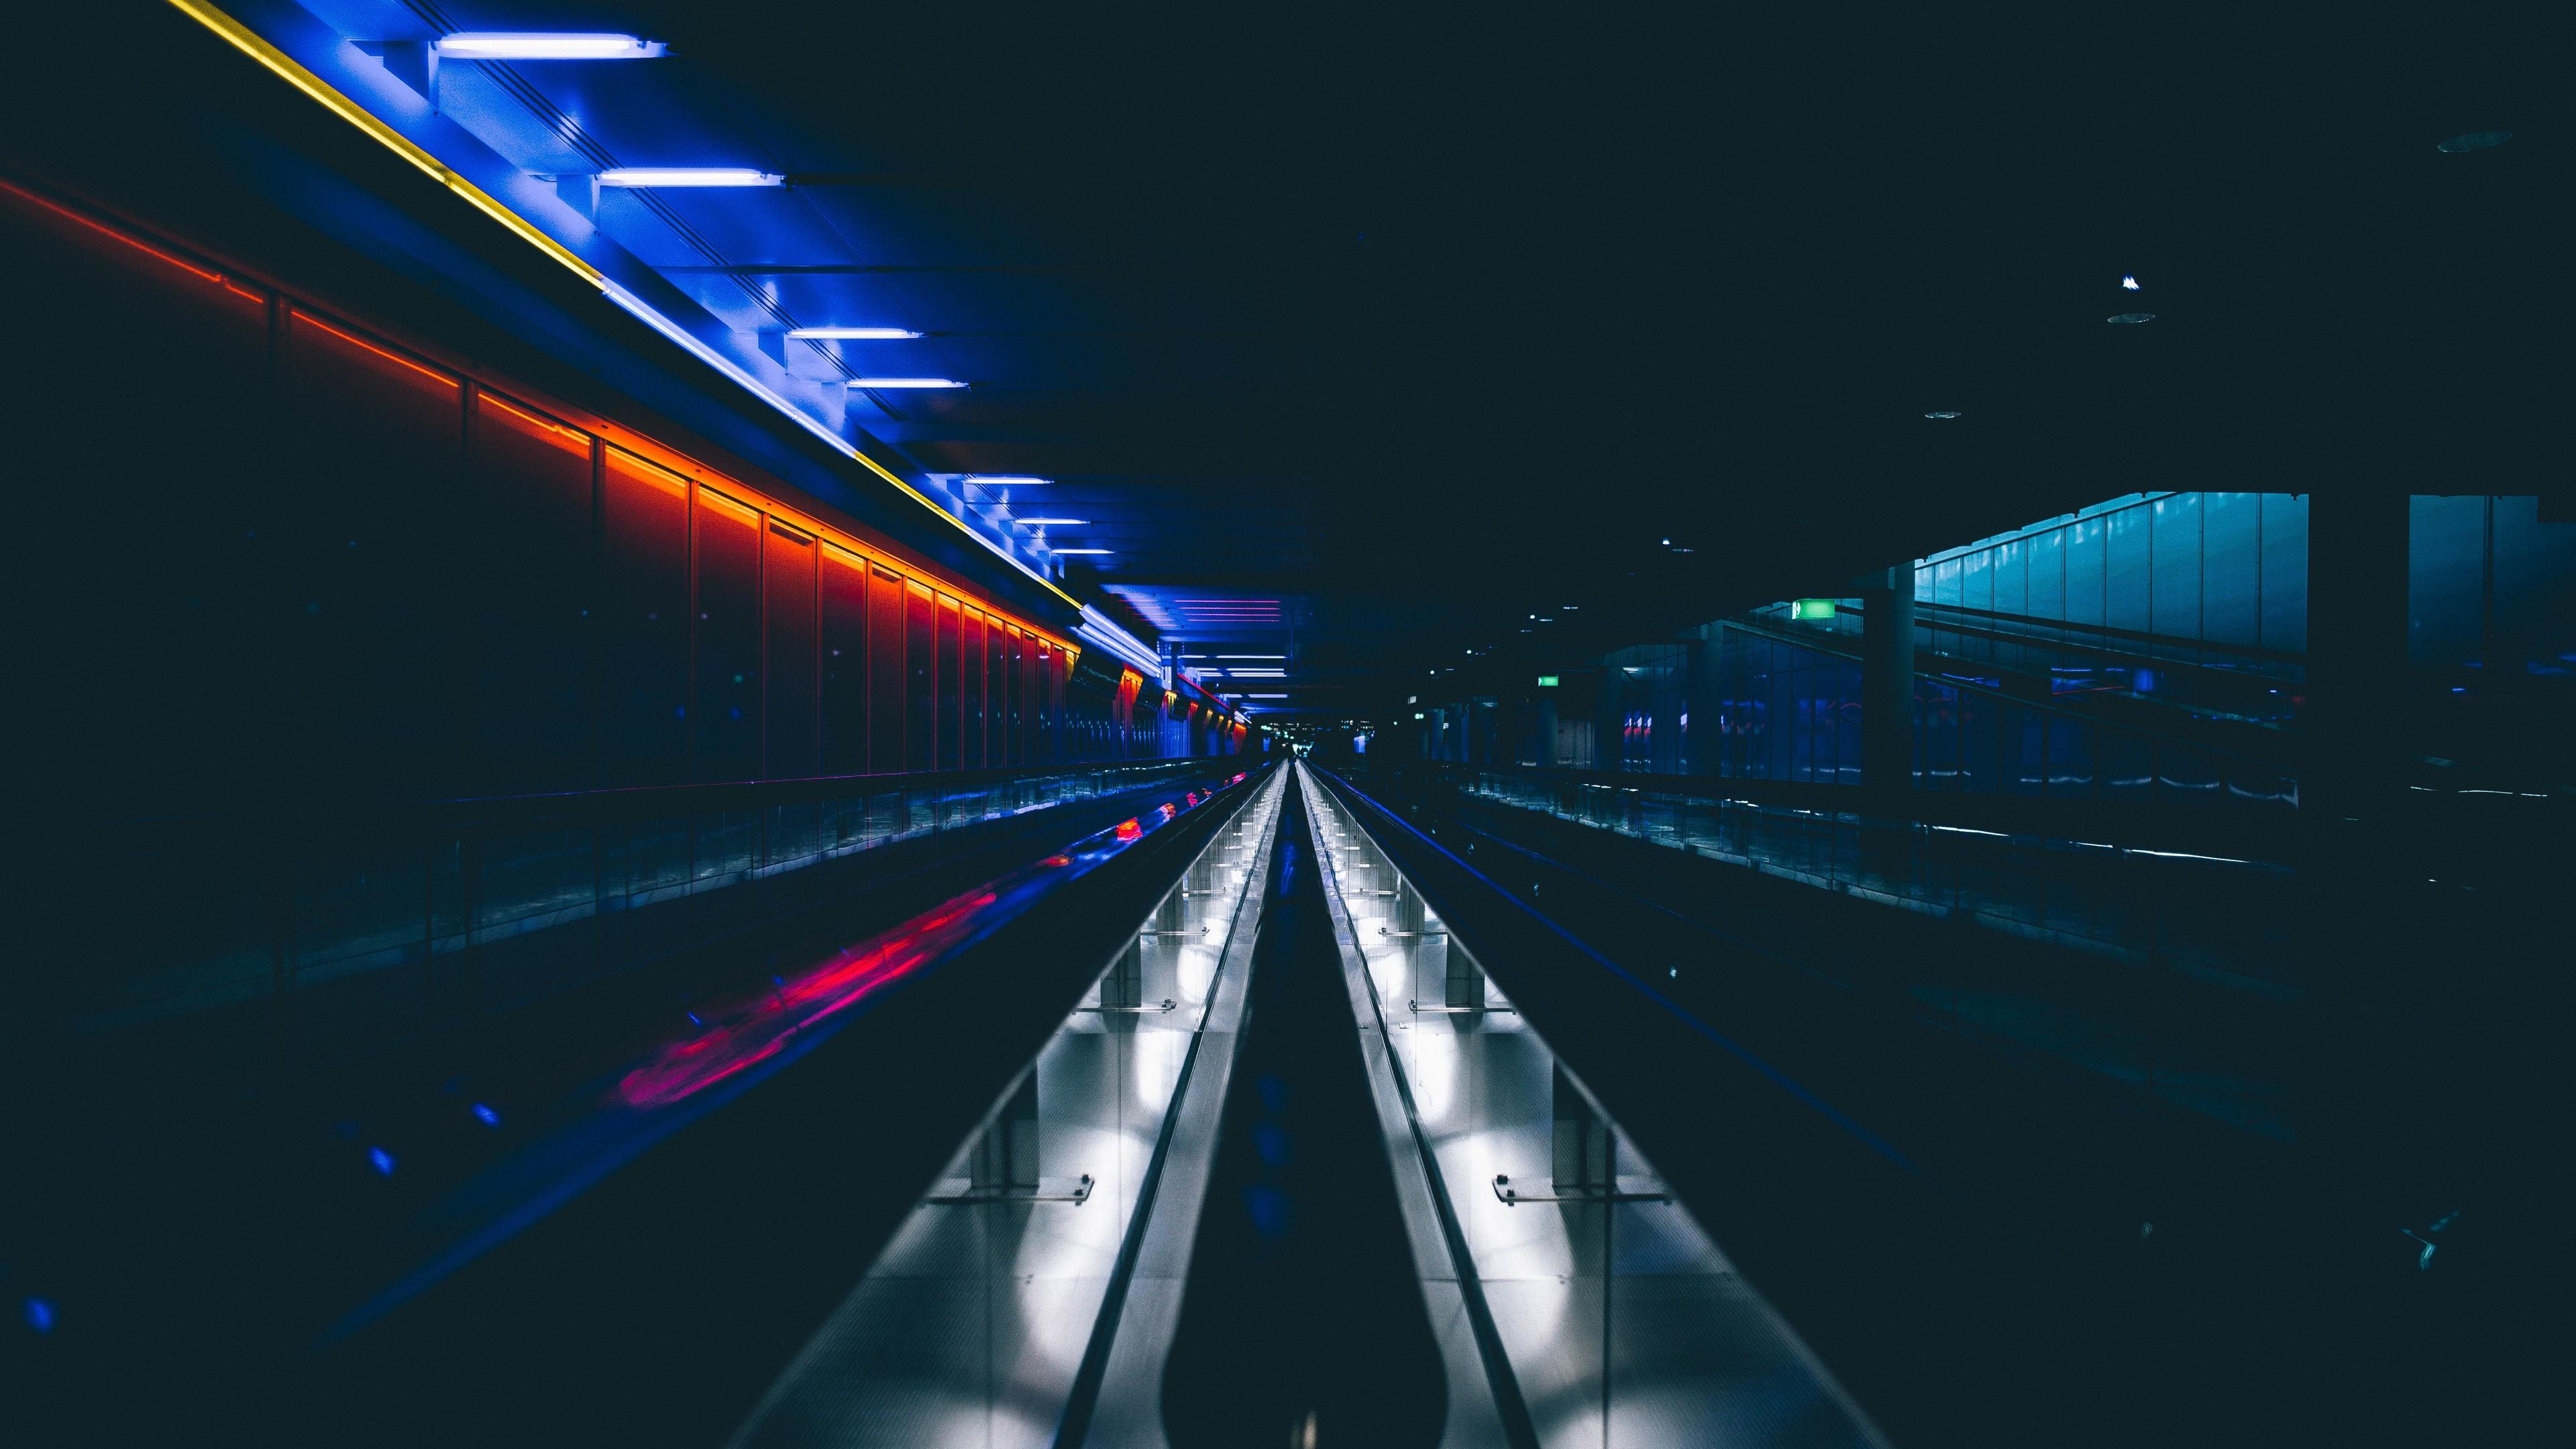 Fonds d'écran Tunnel souterrain, sombre, lumières 3840x2160 UHD 4K image